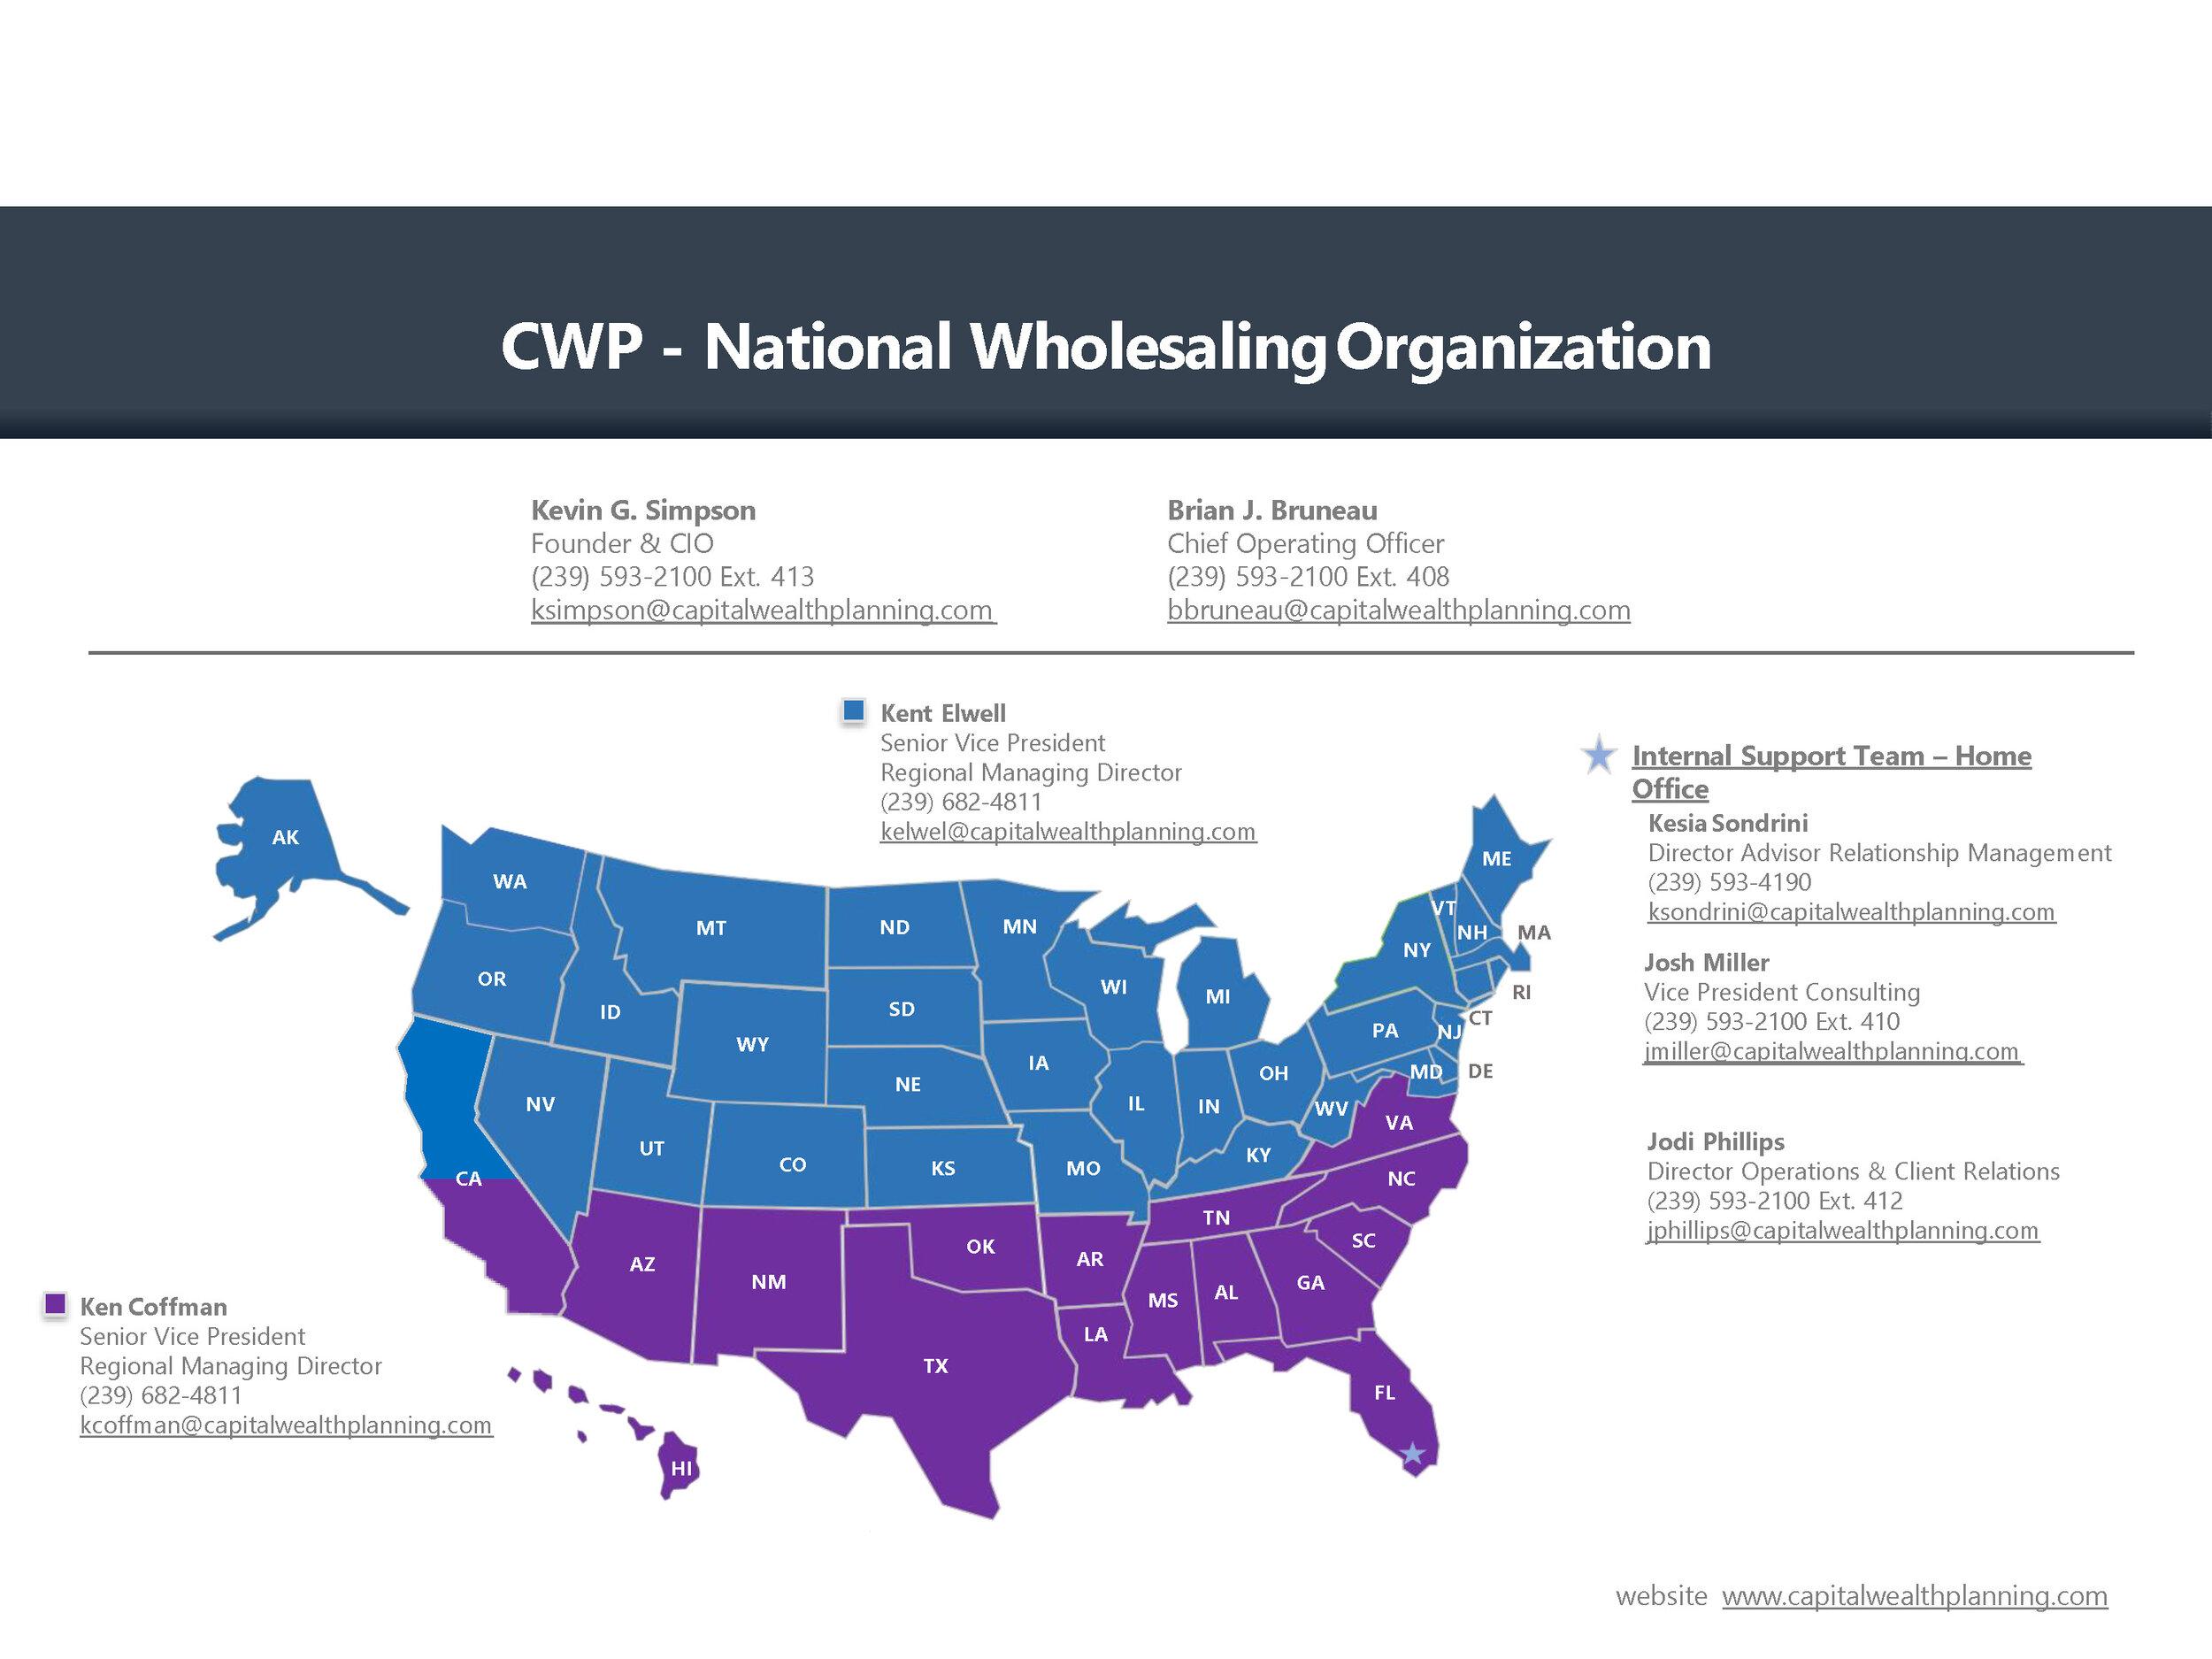 CWP_National_Sales_Team_Map_October 2019_v2_fnl.jpg